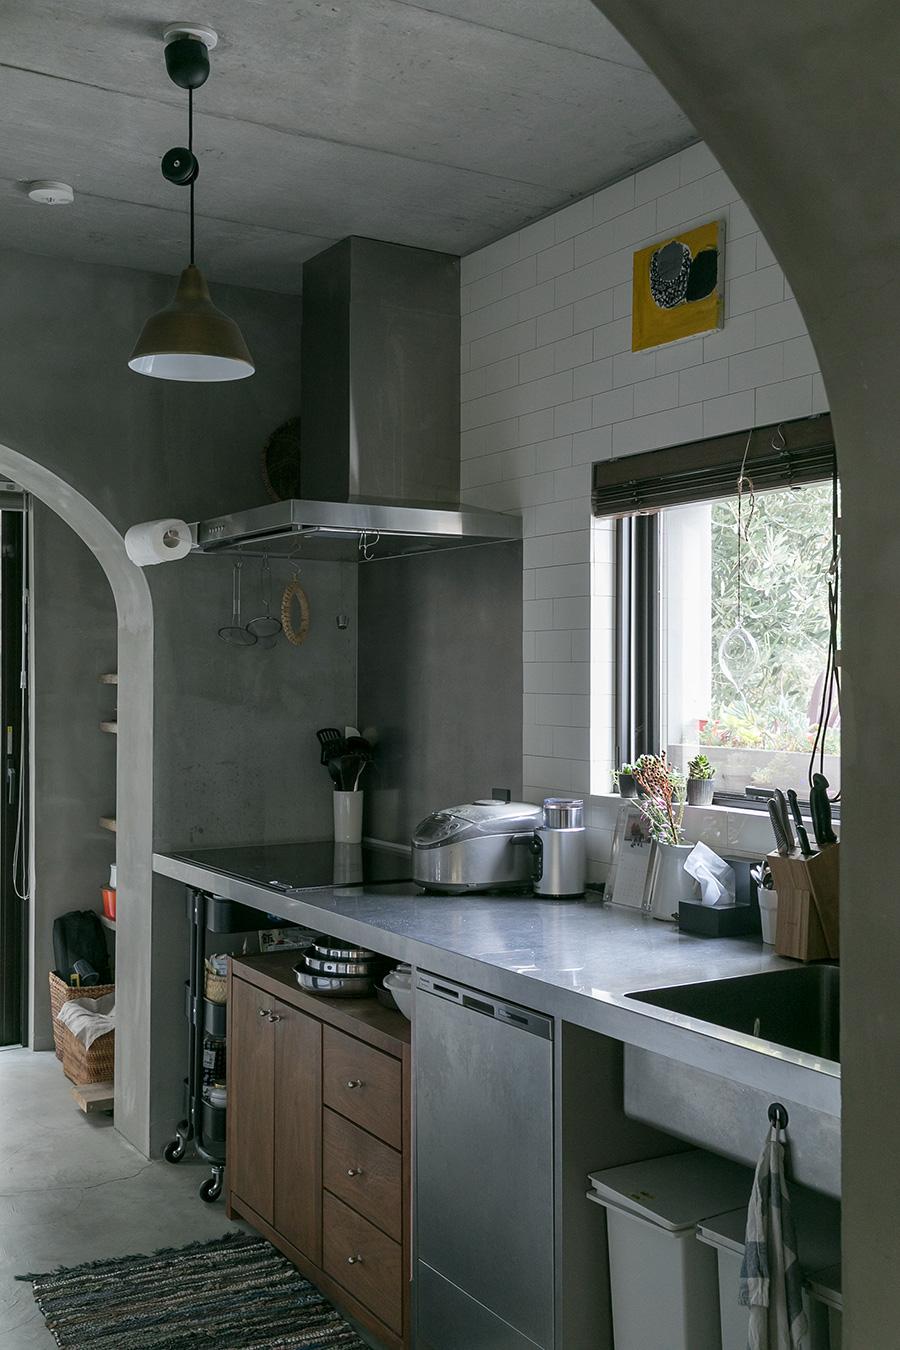 造作のステンレスのカウンター。カウンター下の食洗機の表面もステンレスにして一体感を出した。